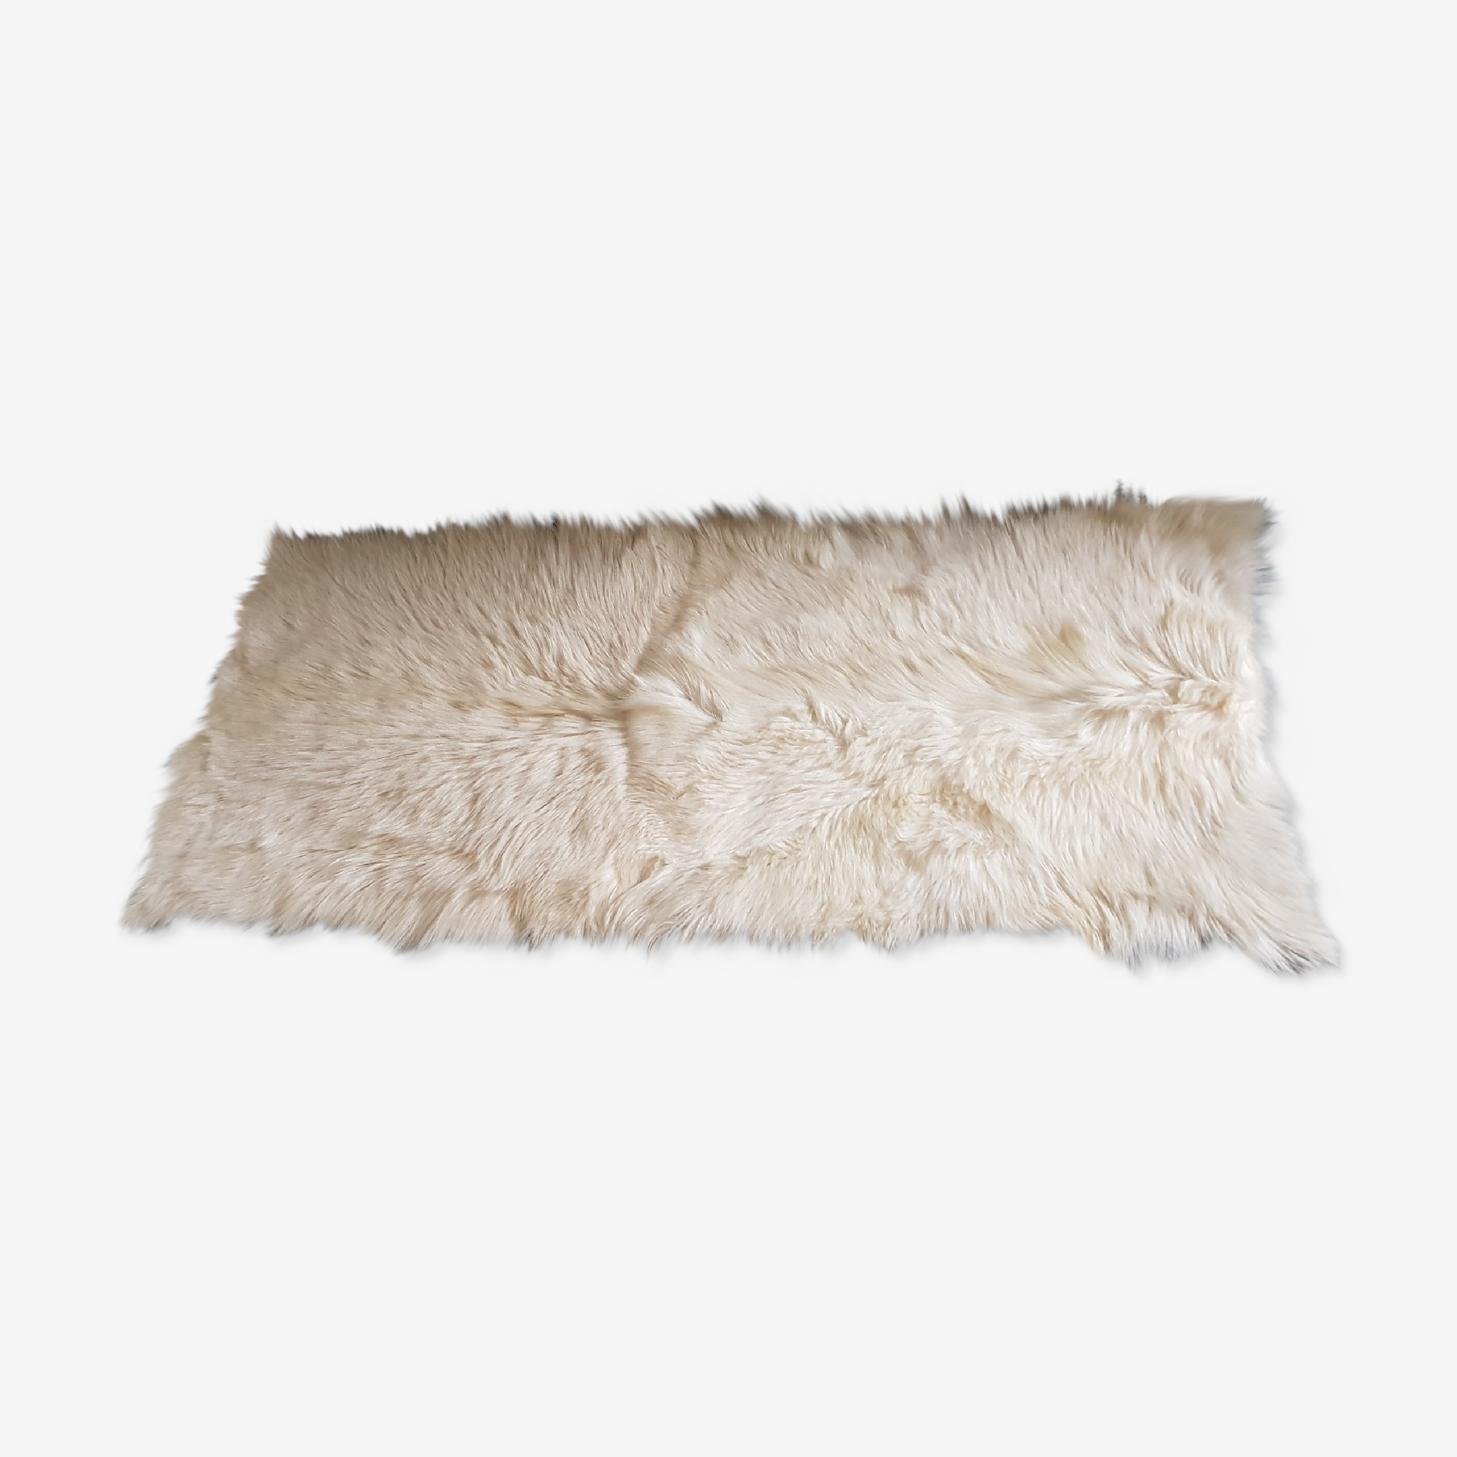 Tapis Peau De Chevre 140x70cm Peau Blanc Vintage Zizryqb